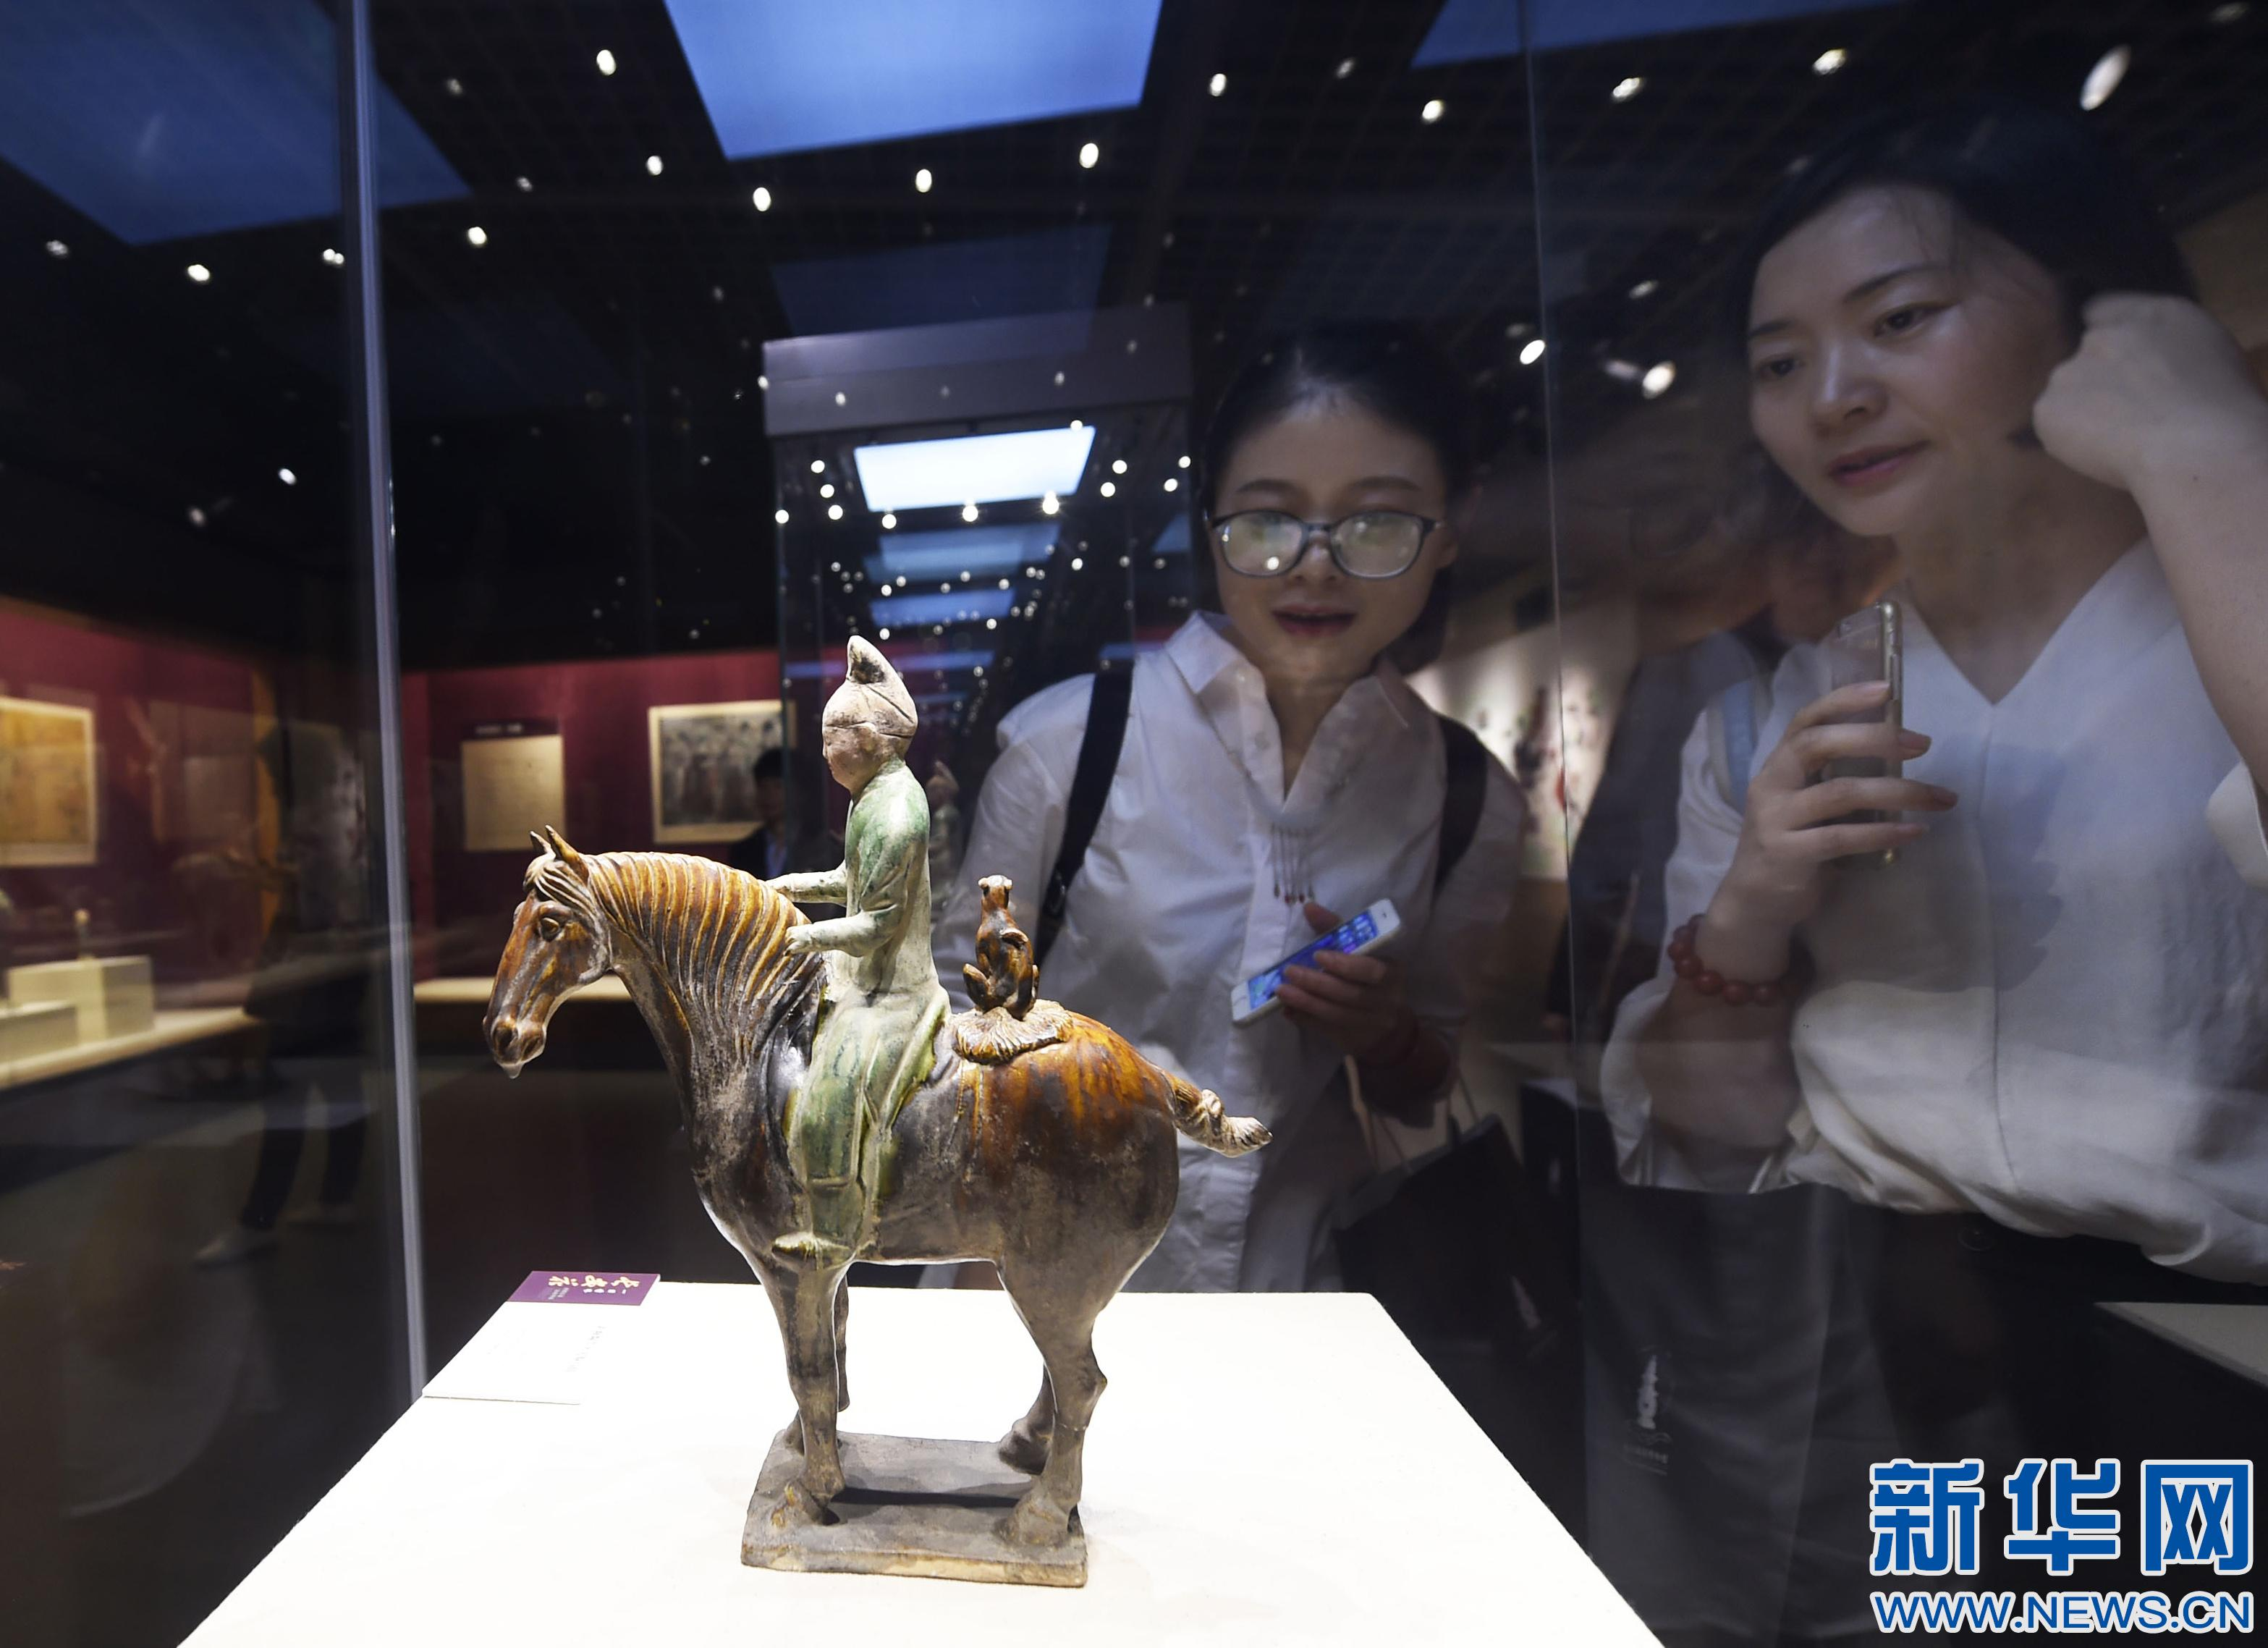 杭州举办唐三彩精品展